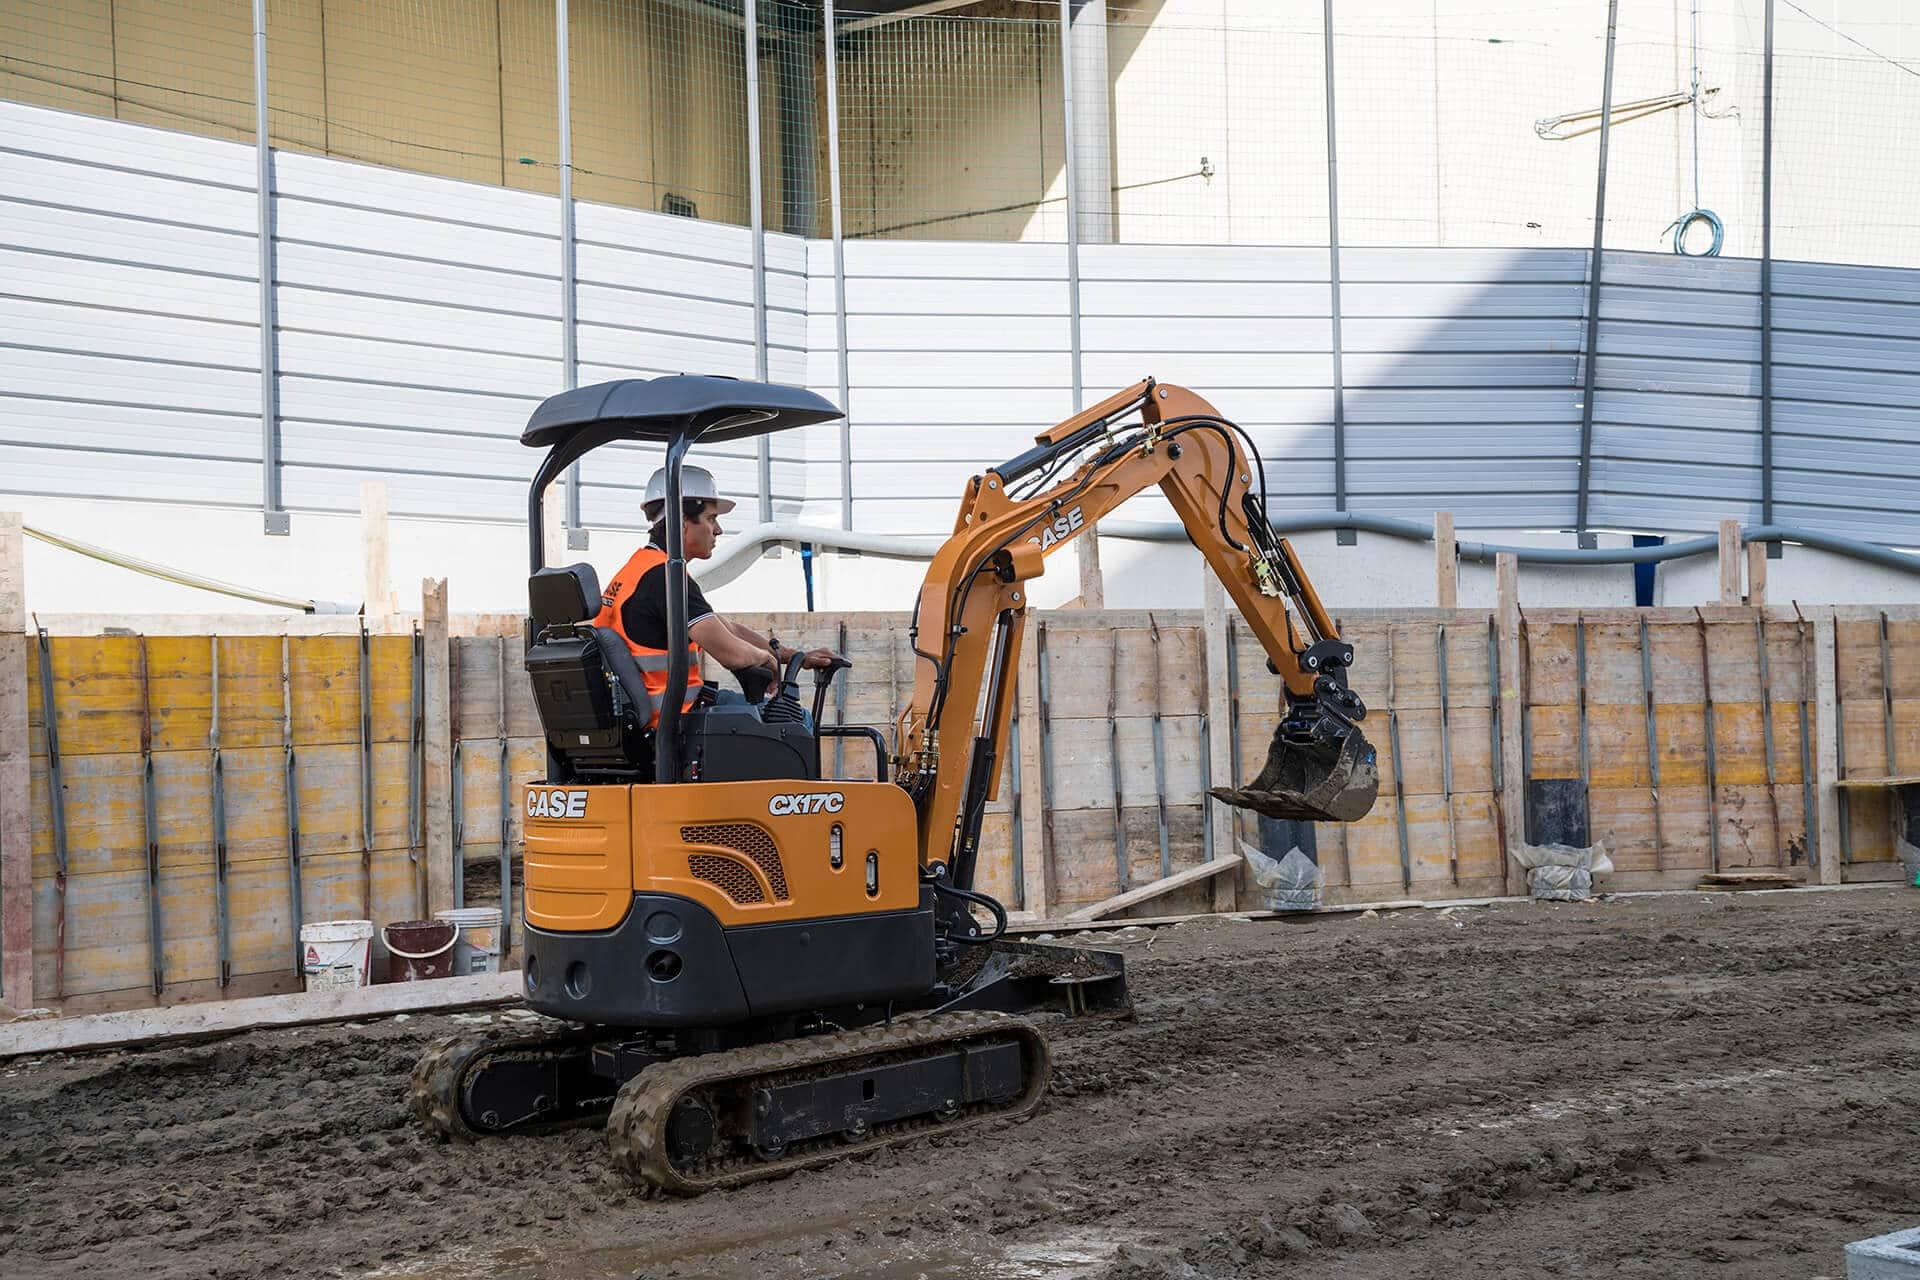 CASE CX17C Mini Excavator | CASE Construction Equipment